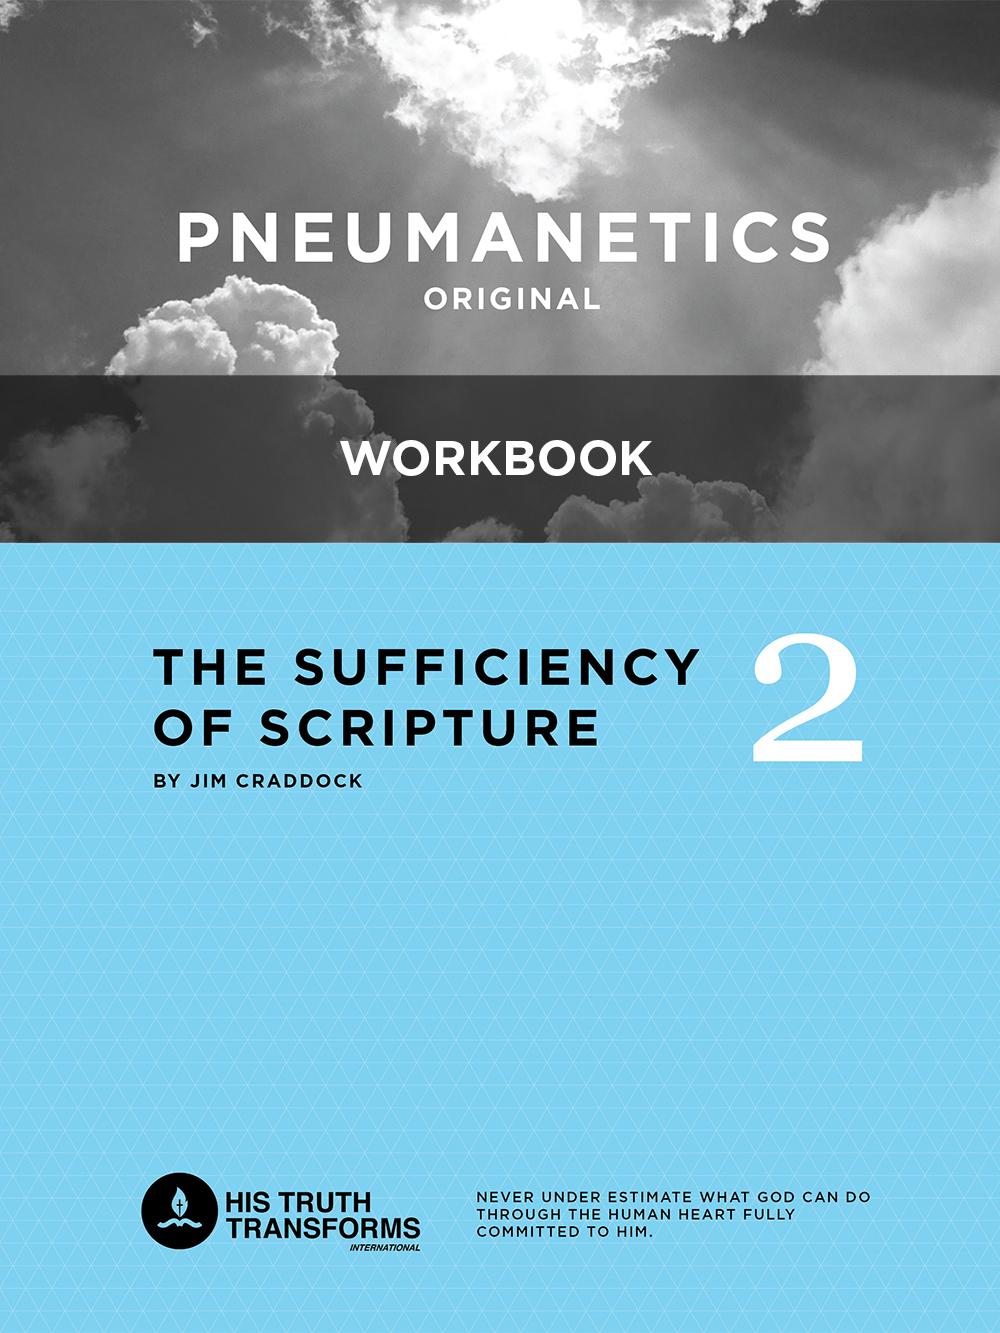 pneumanetics-2-workbook.jpg